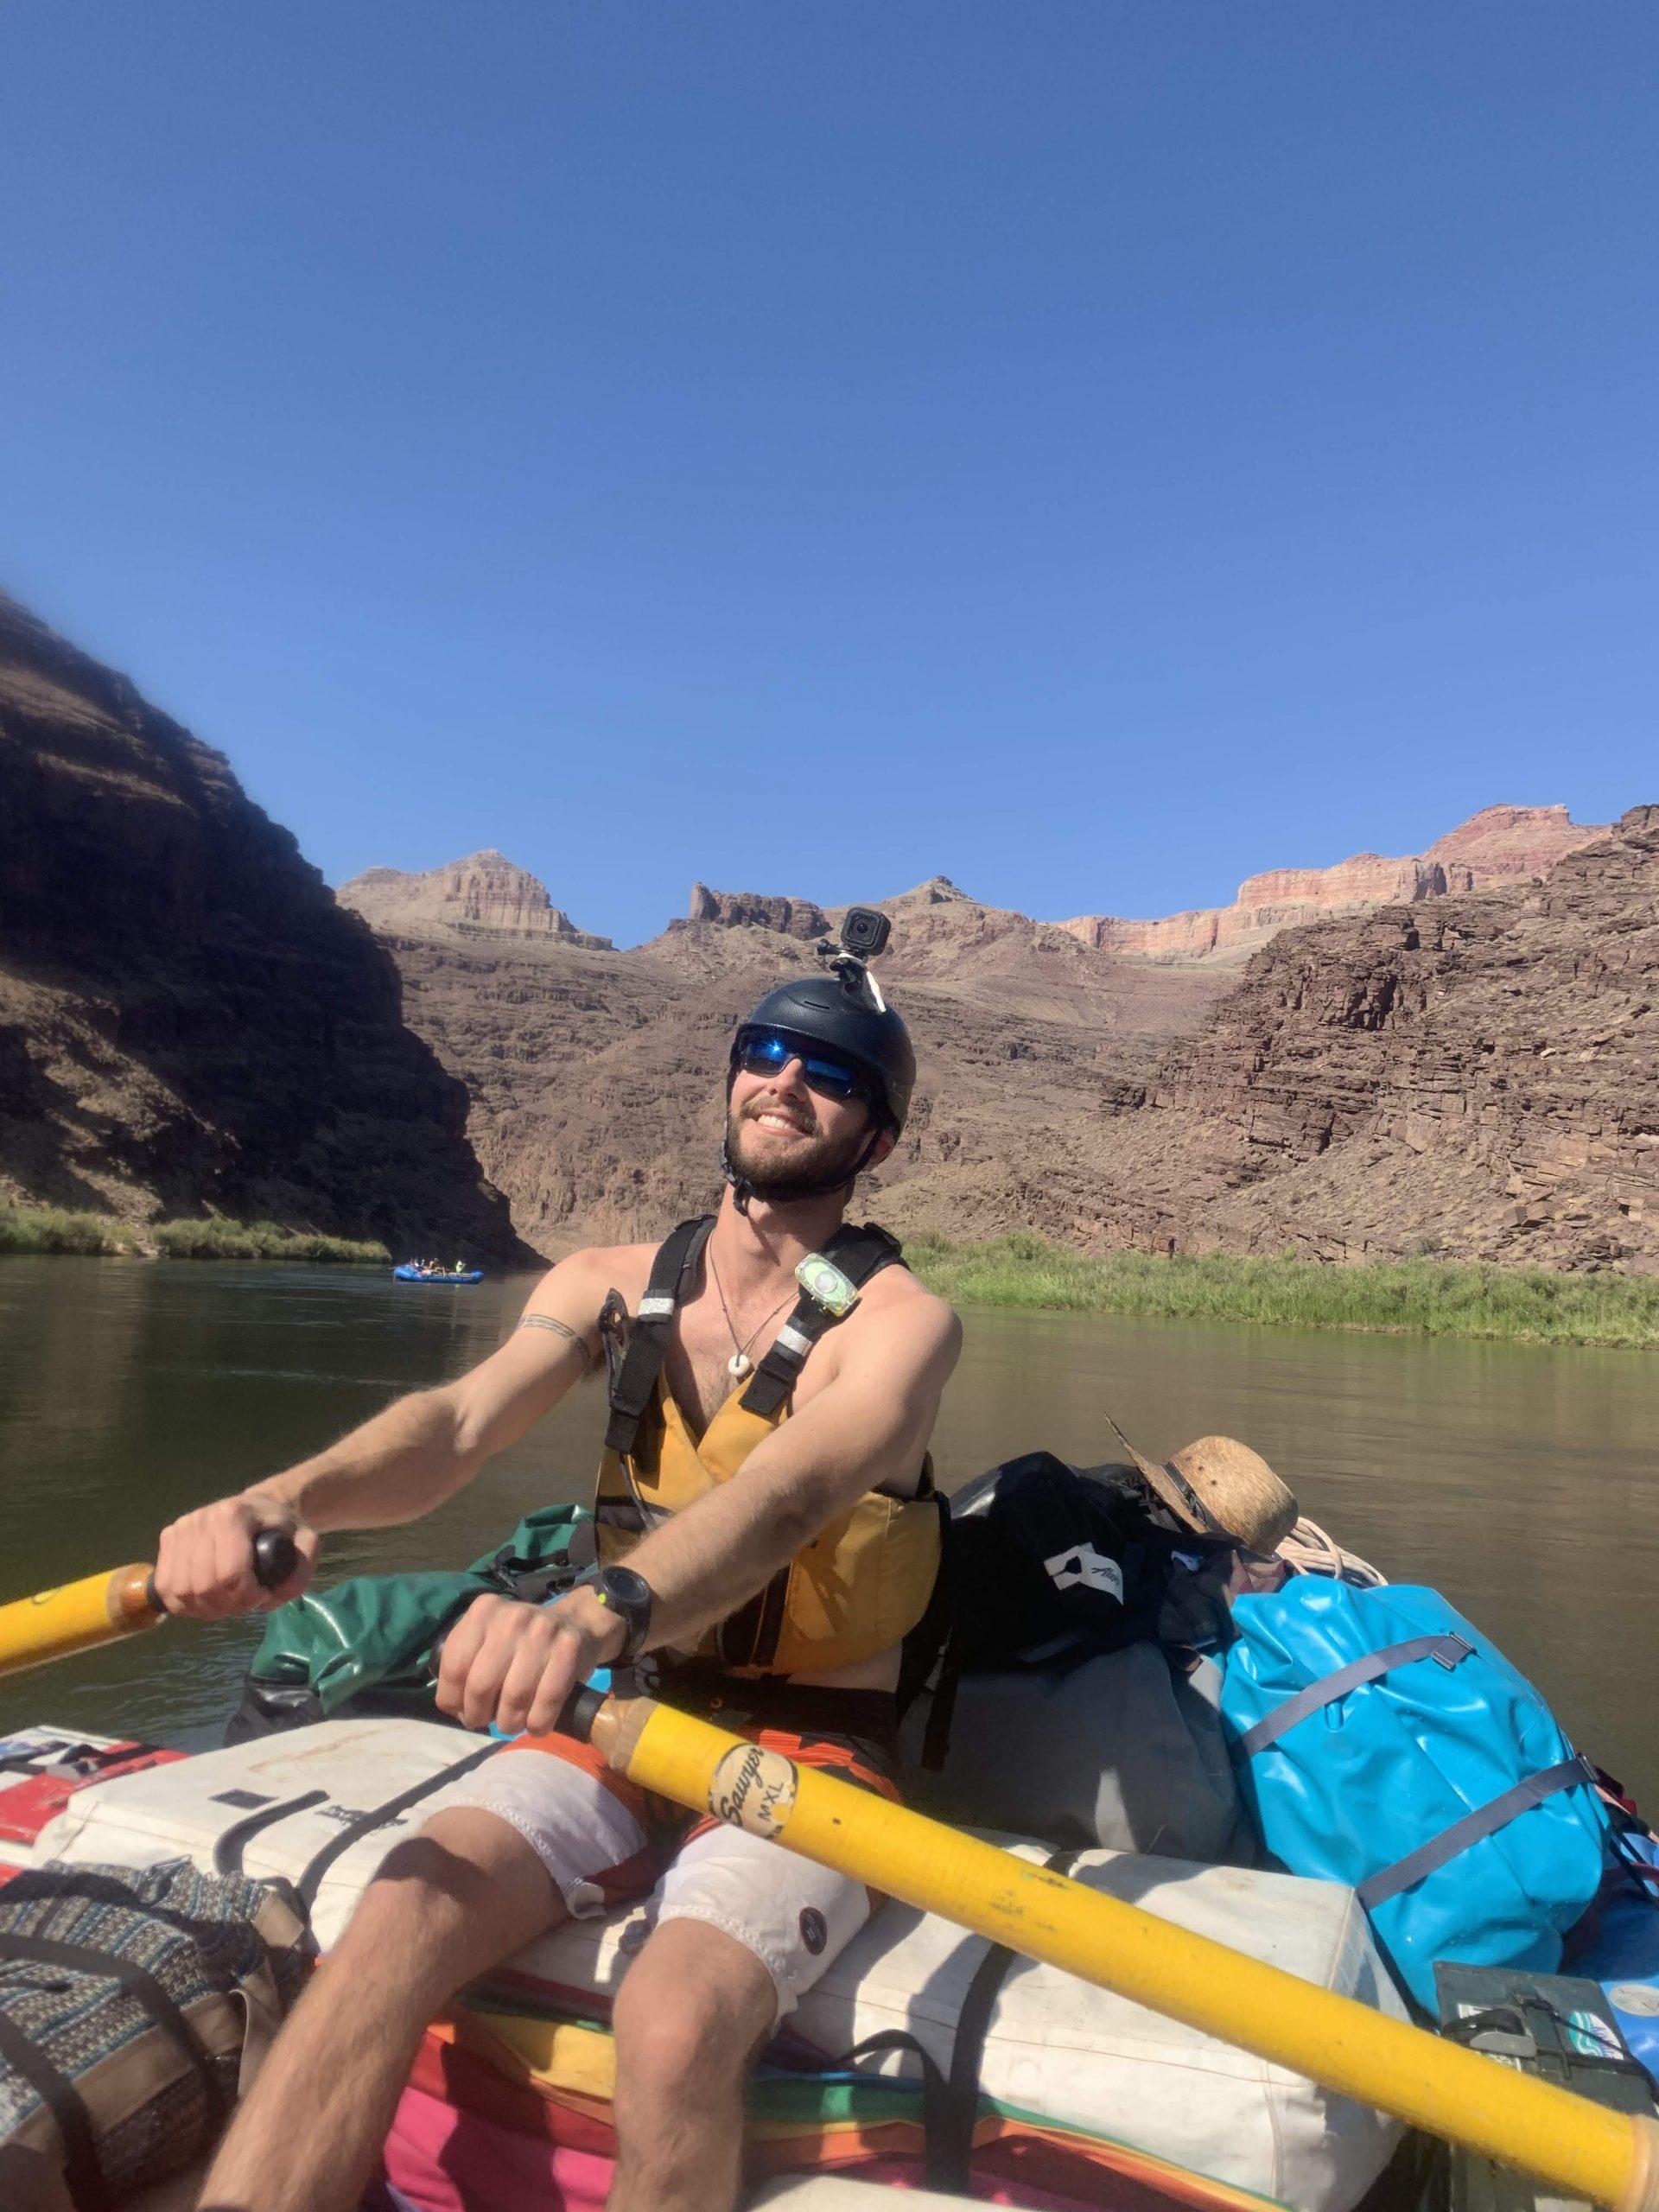 Dane_rafting